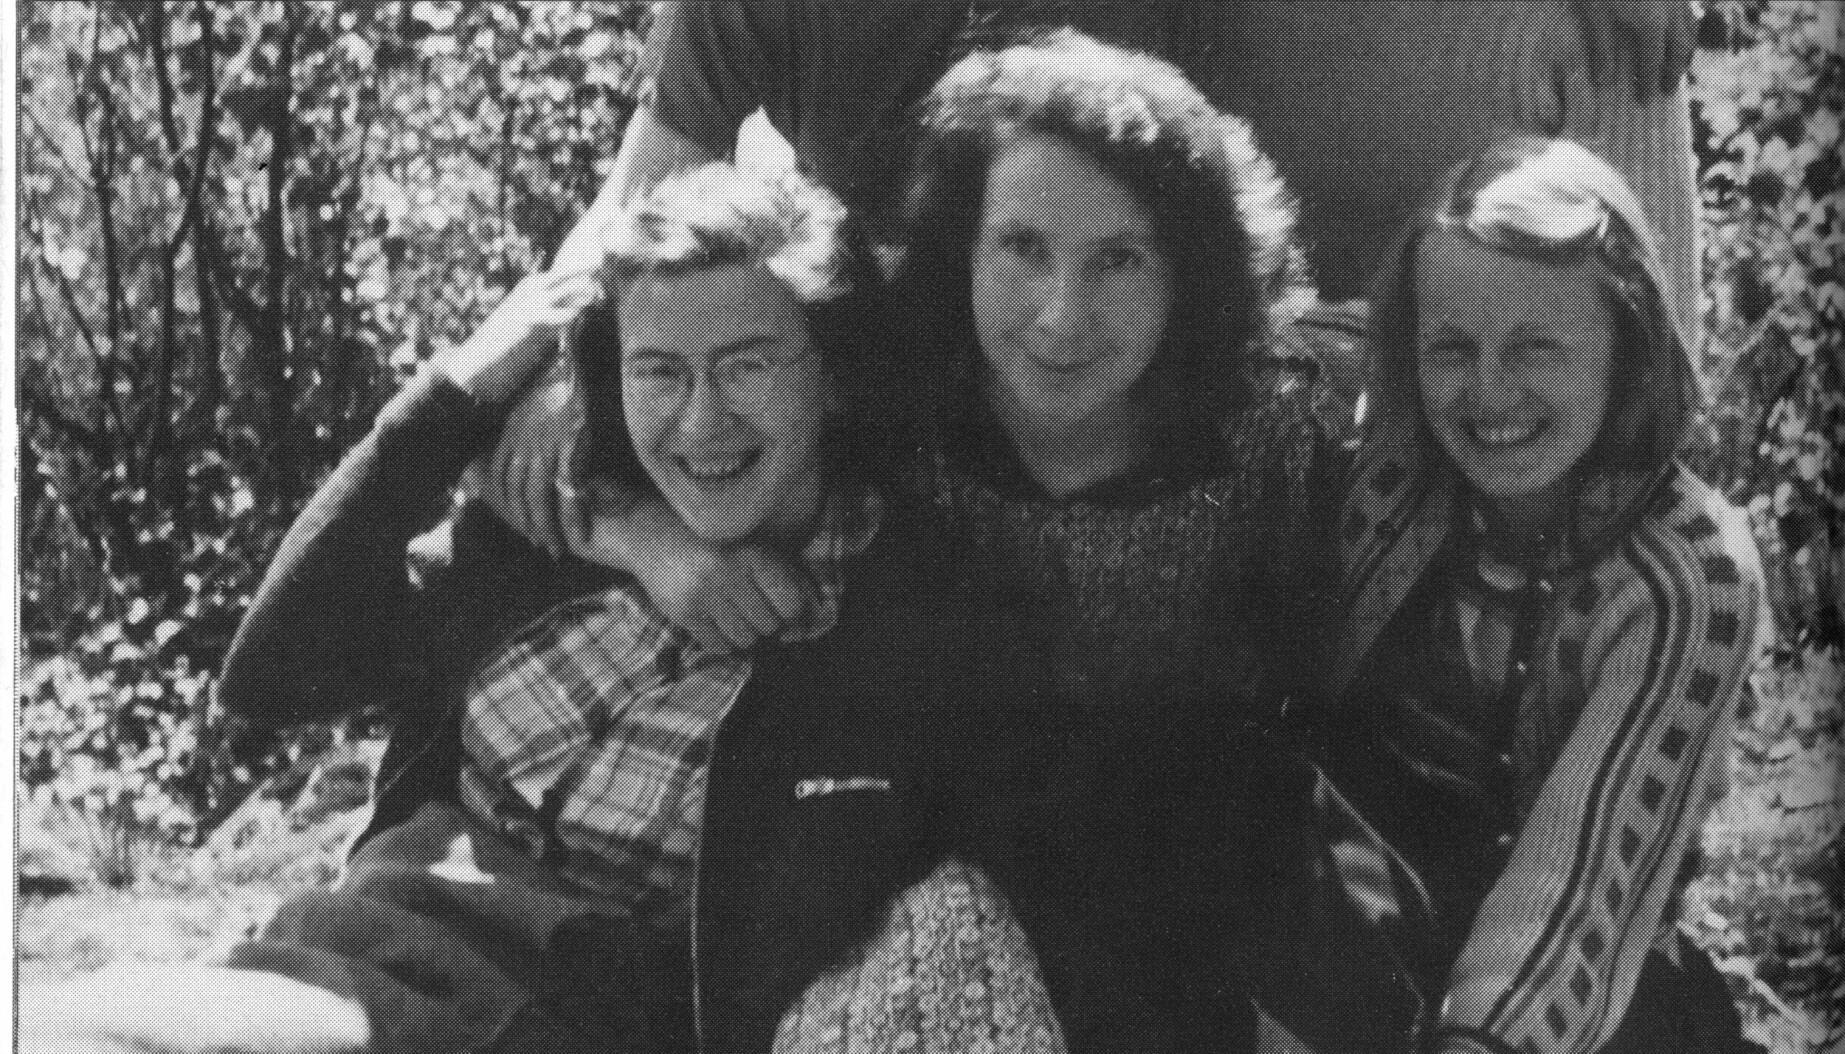 Fra venstre: Ruth Maier, Gunvor Hofmo og Karen Schou. «Jeg så min venninne, / den eneste, jeg så henne / gå, for å dø», skrev Gunvor Hofmo i det selvbiografiske diktet «Jeg har våket» fra 1954. Den eneste er Ruth Maier, flykningen fra Wien, som ble deportert fra Oslo til Auschwitz i 1942.